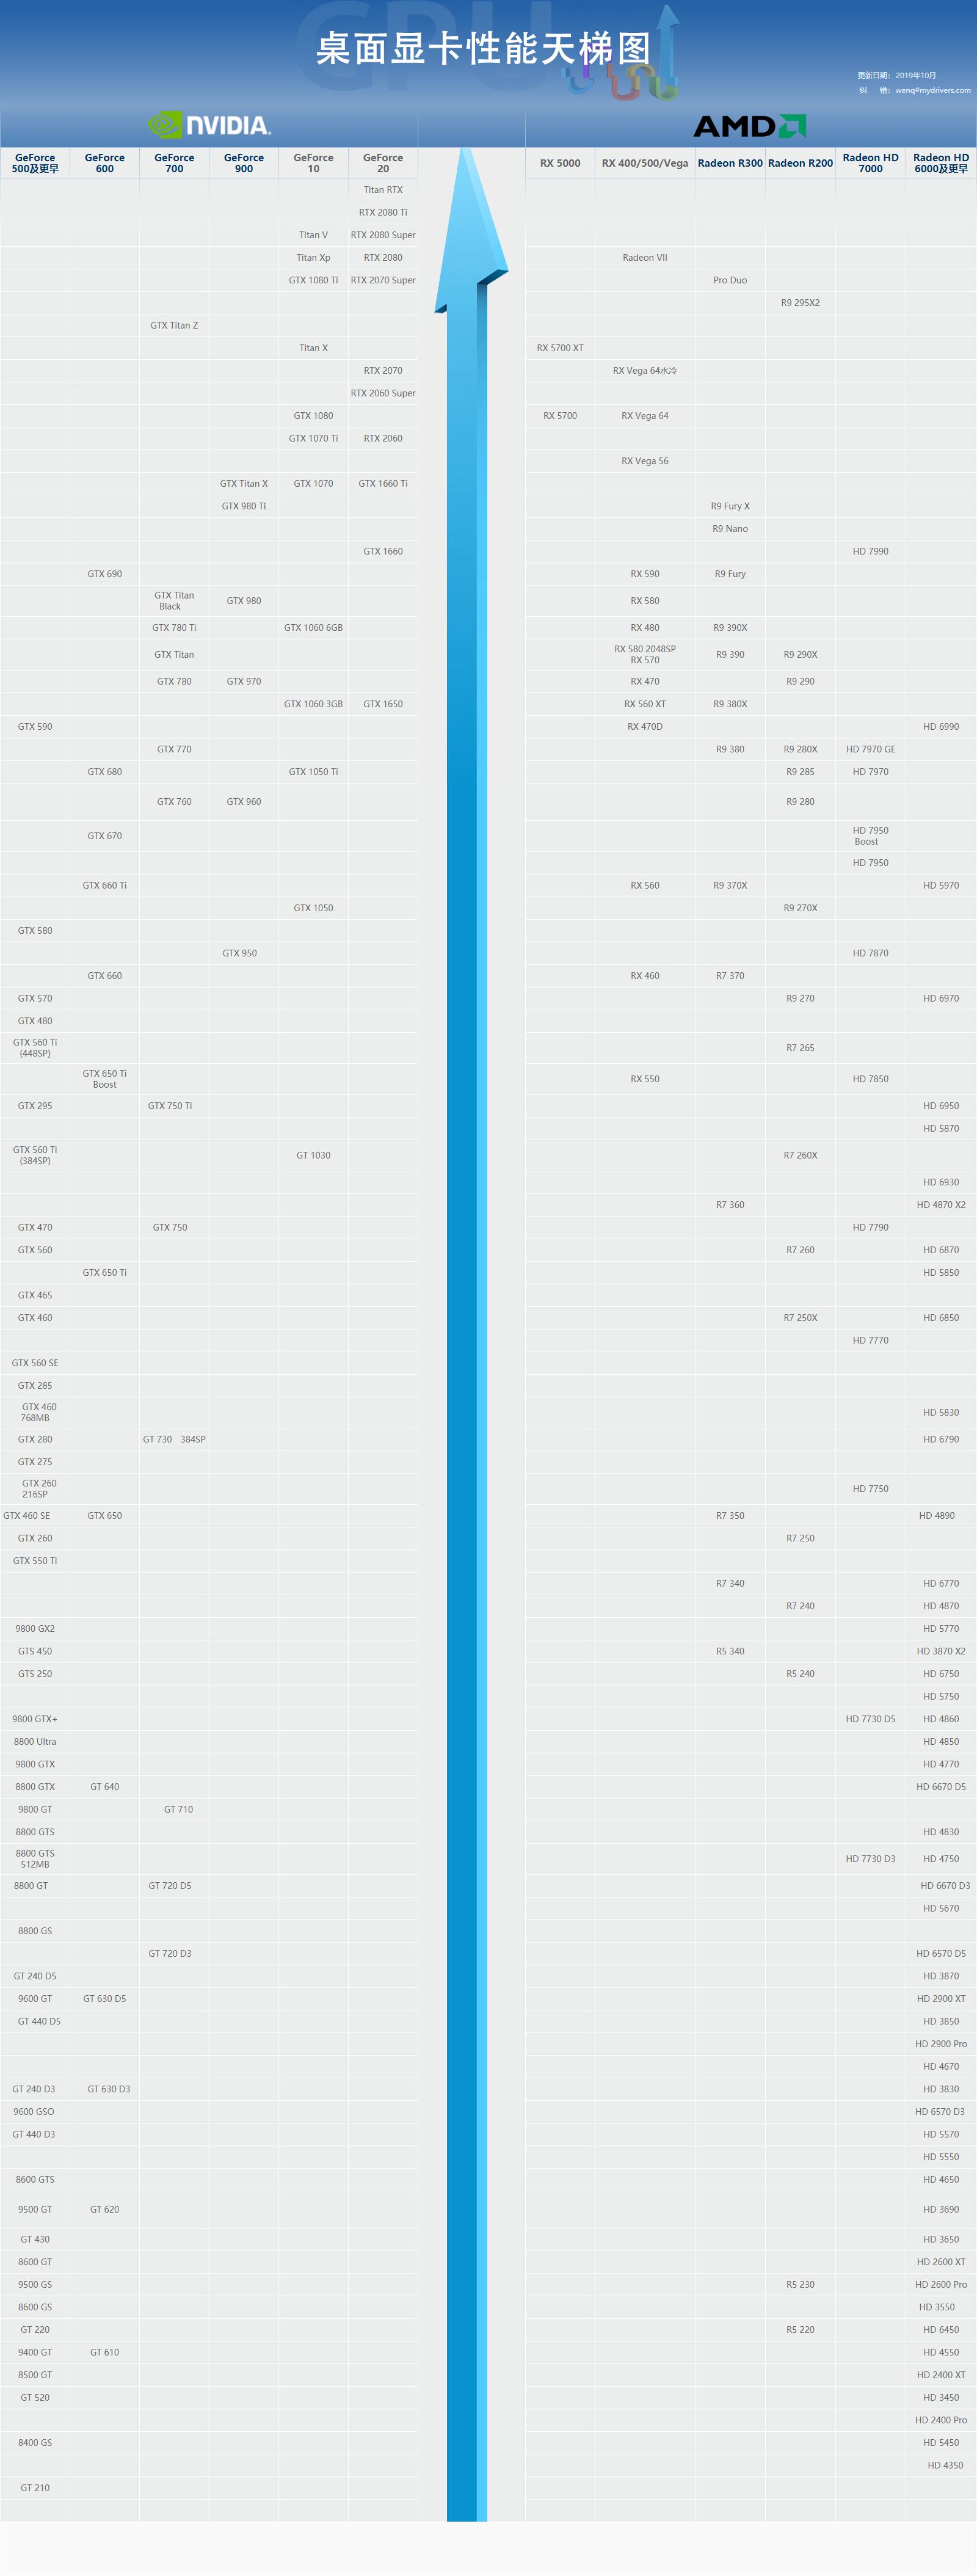 显卡性能天梯图2019年10月版(台式显卡和笔记本显卡性能排行) 第1张